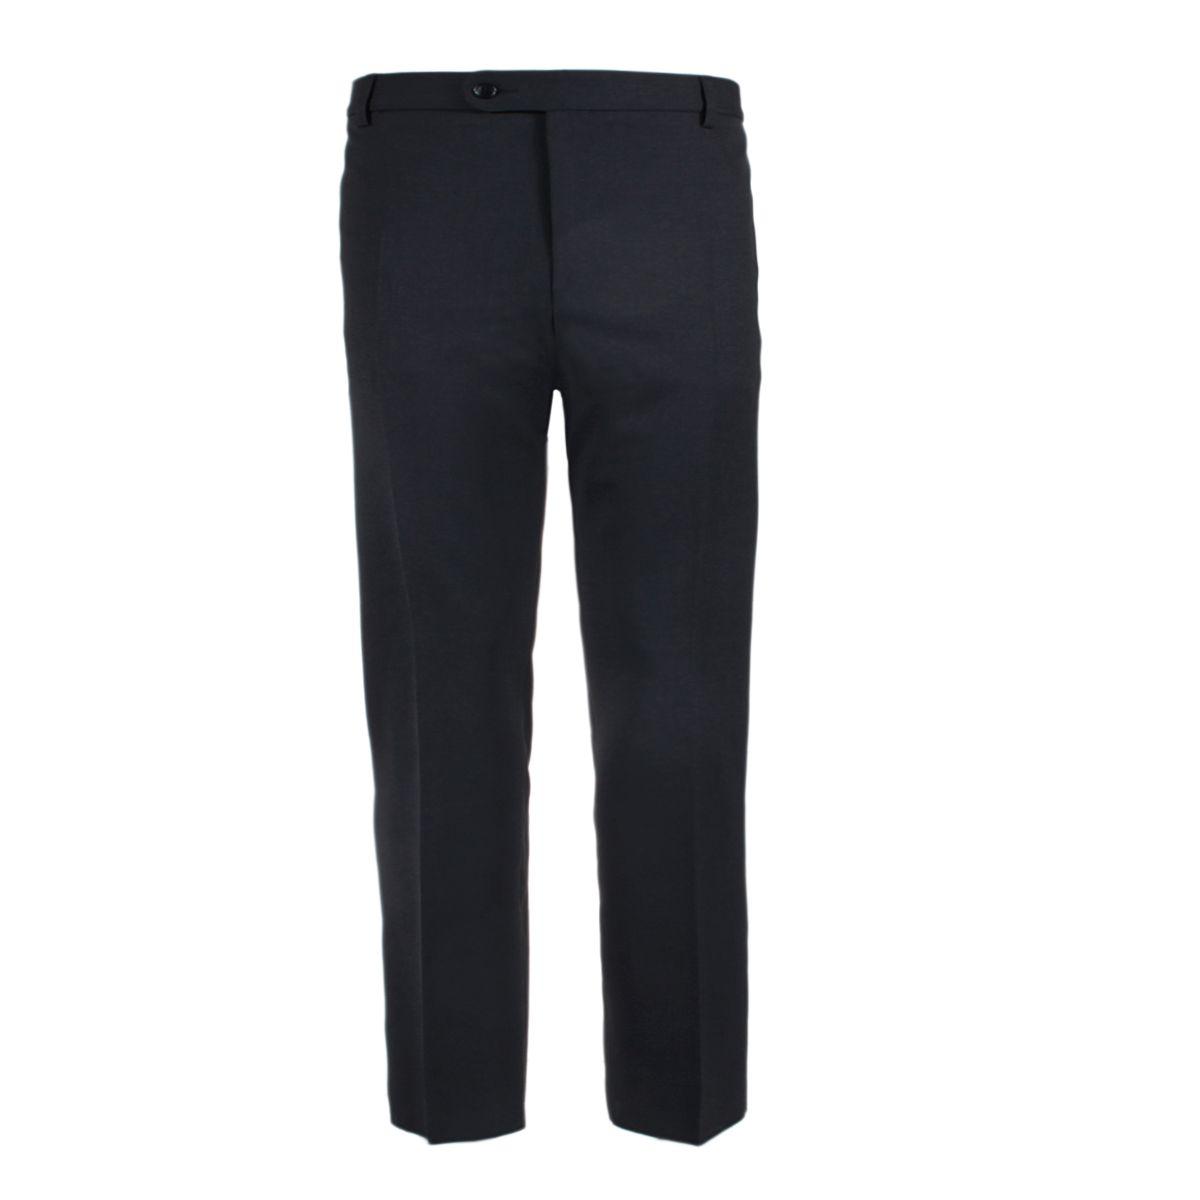 pantalon de ville noir pour homme grand grande longueur de jambe 40us size factory life and. Black Bedroom Furniture Sets. Home Design Ideas